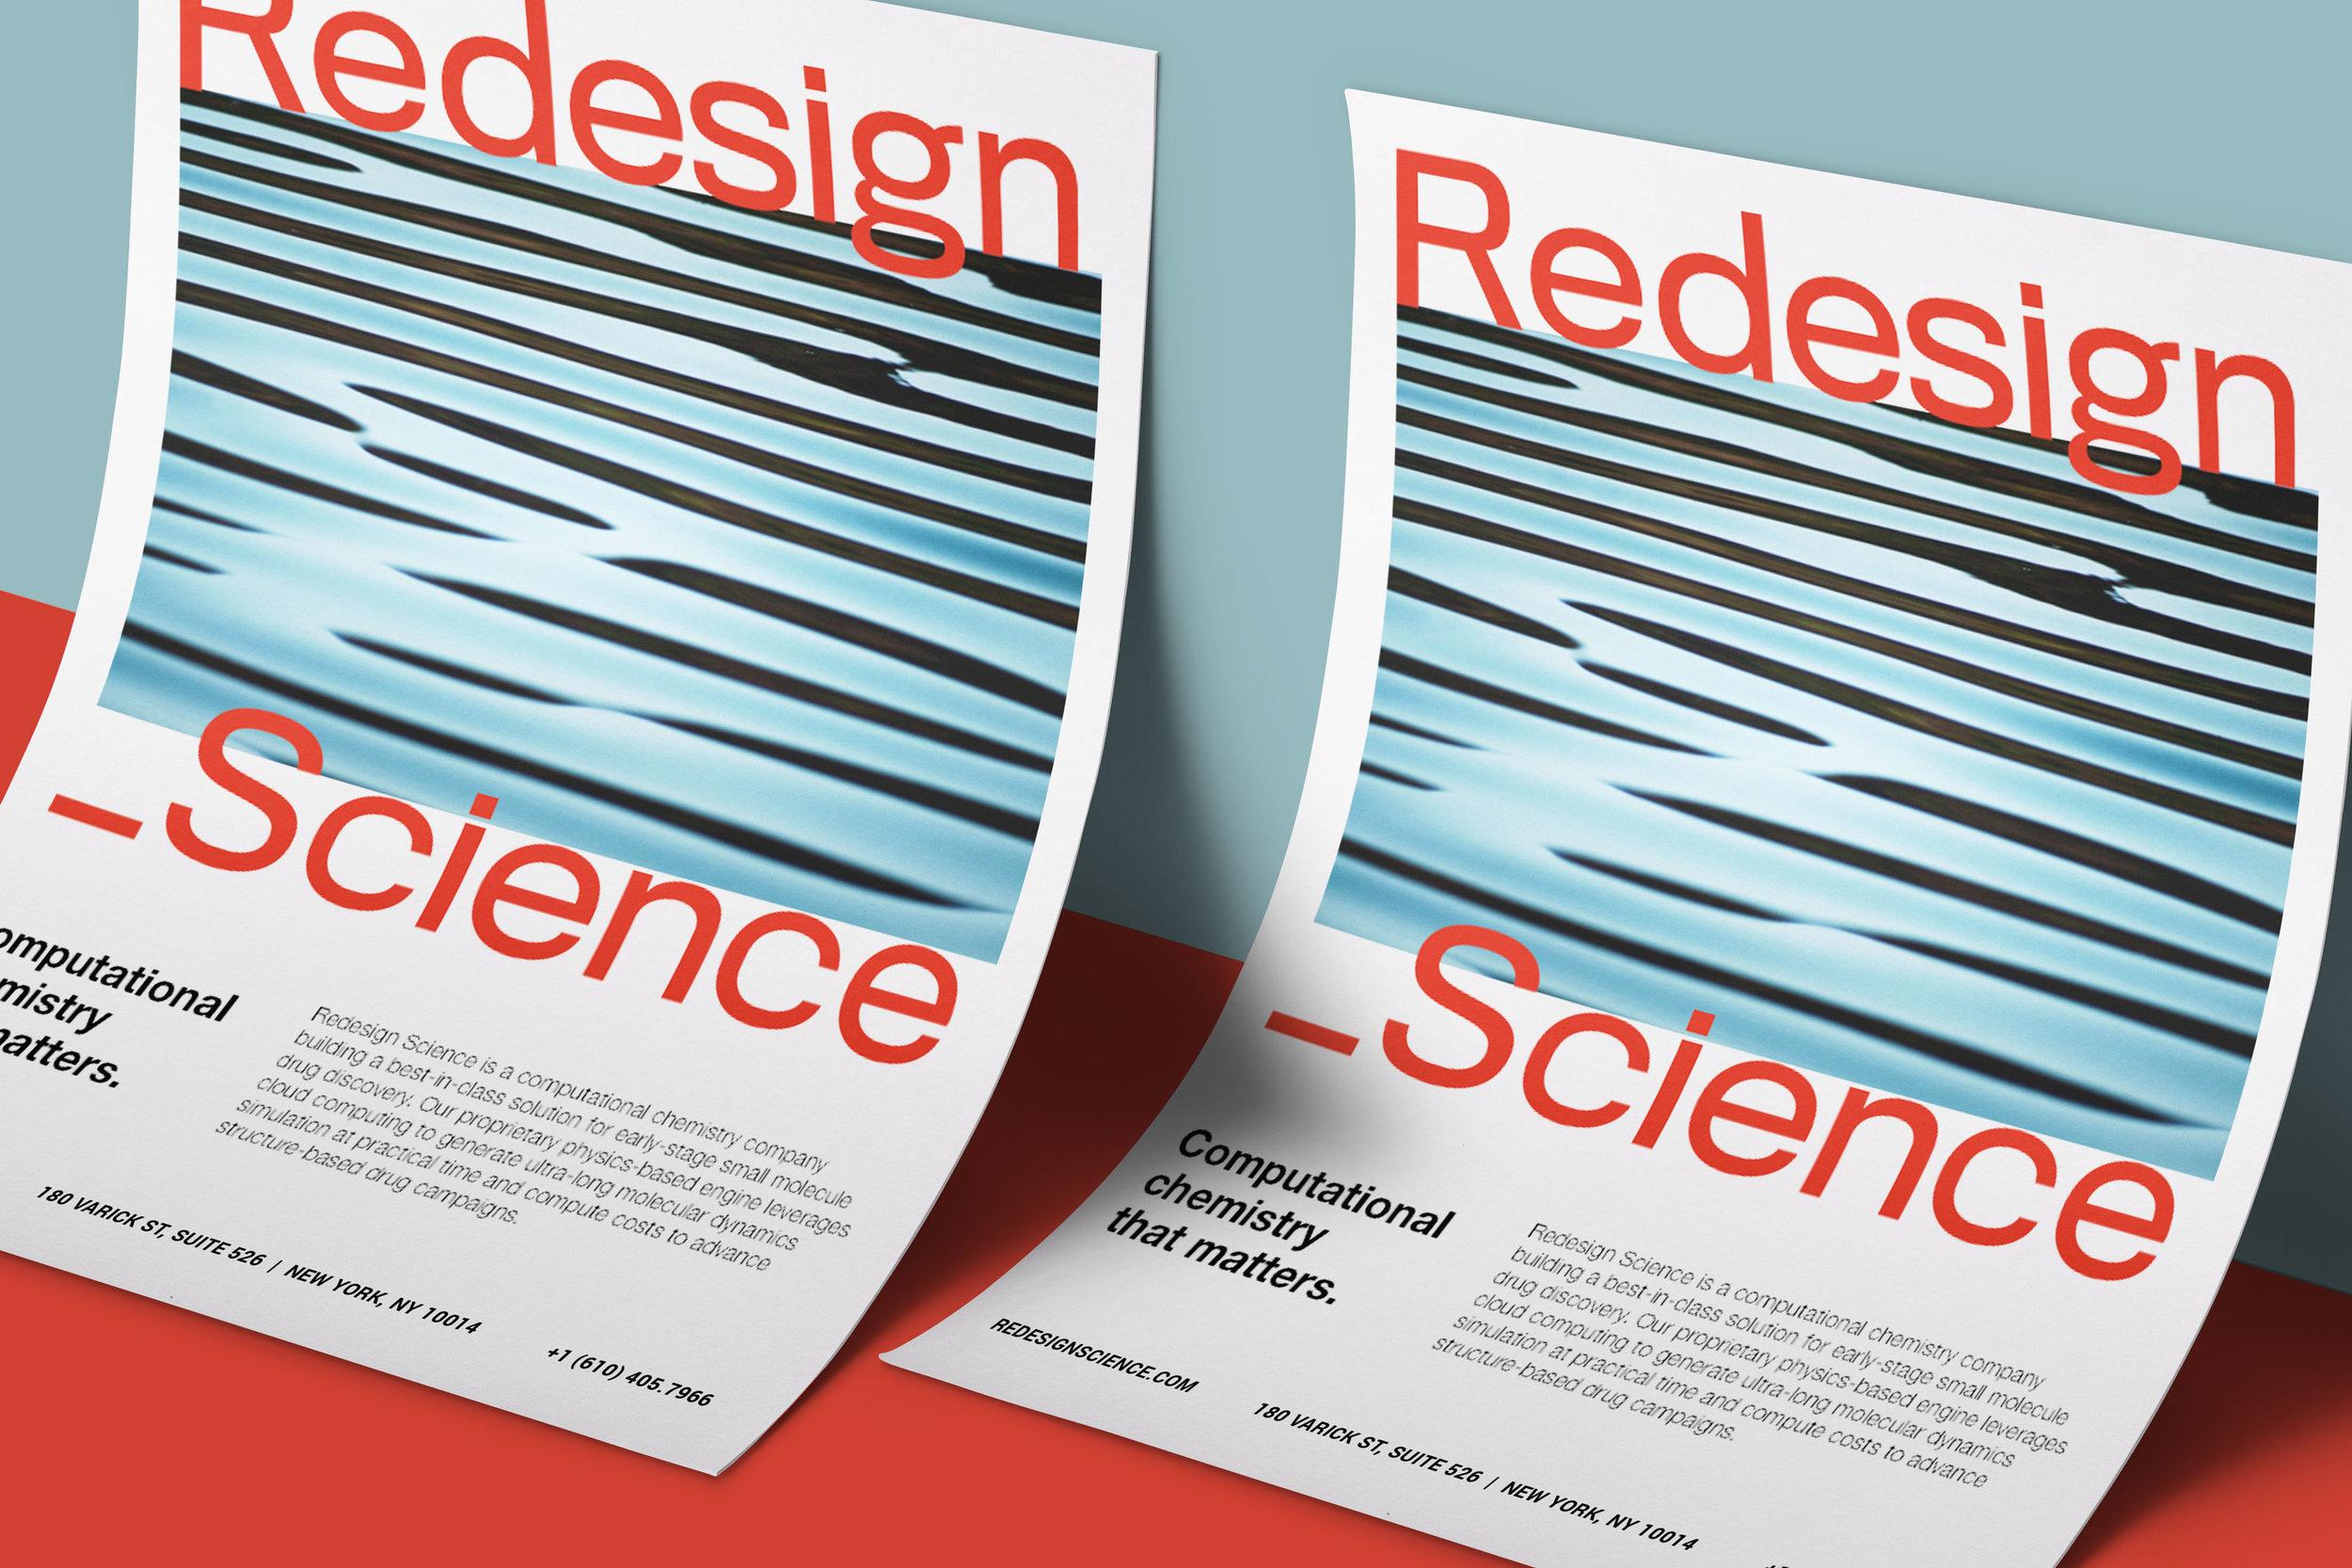 Studio_Bloq-Redesign_Science-flyer.jpg